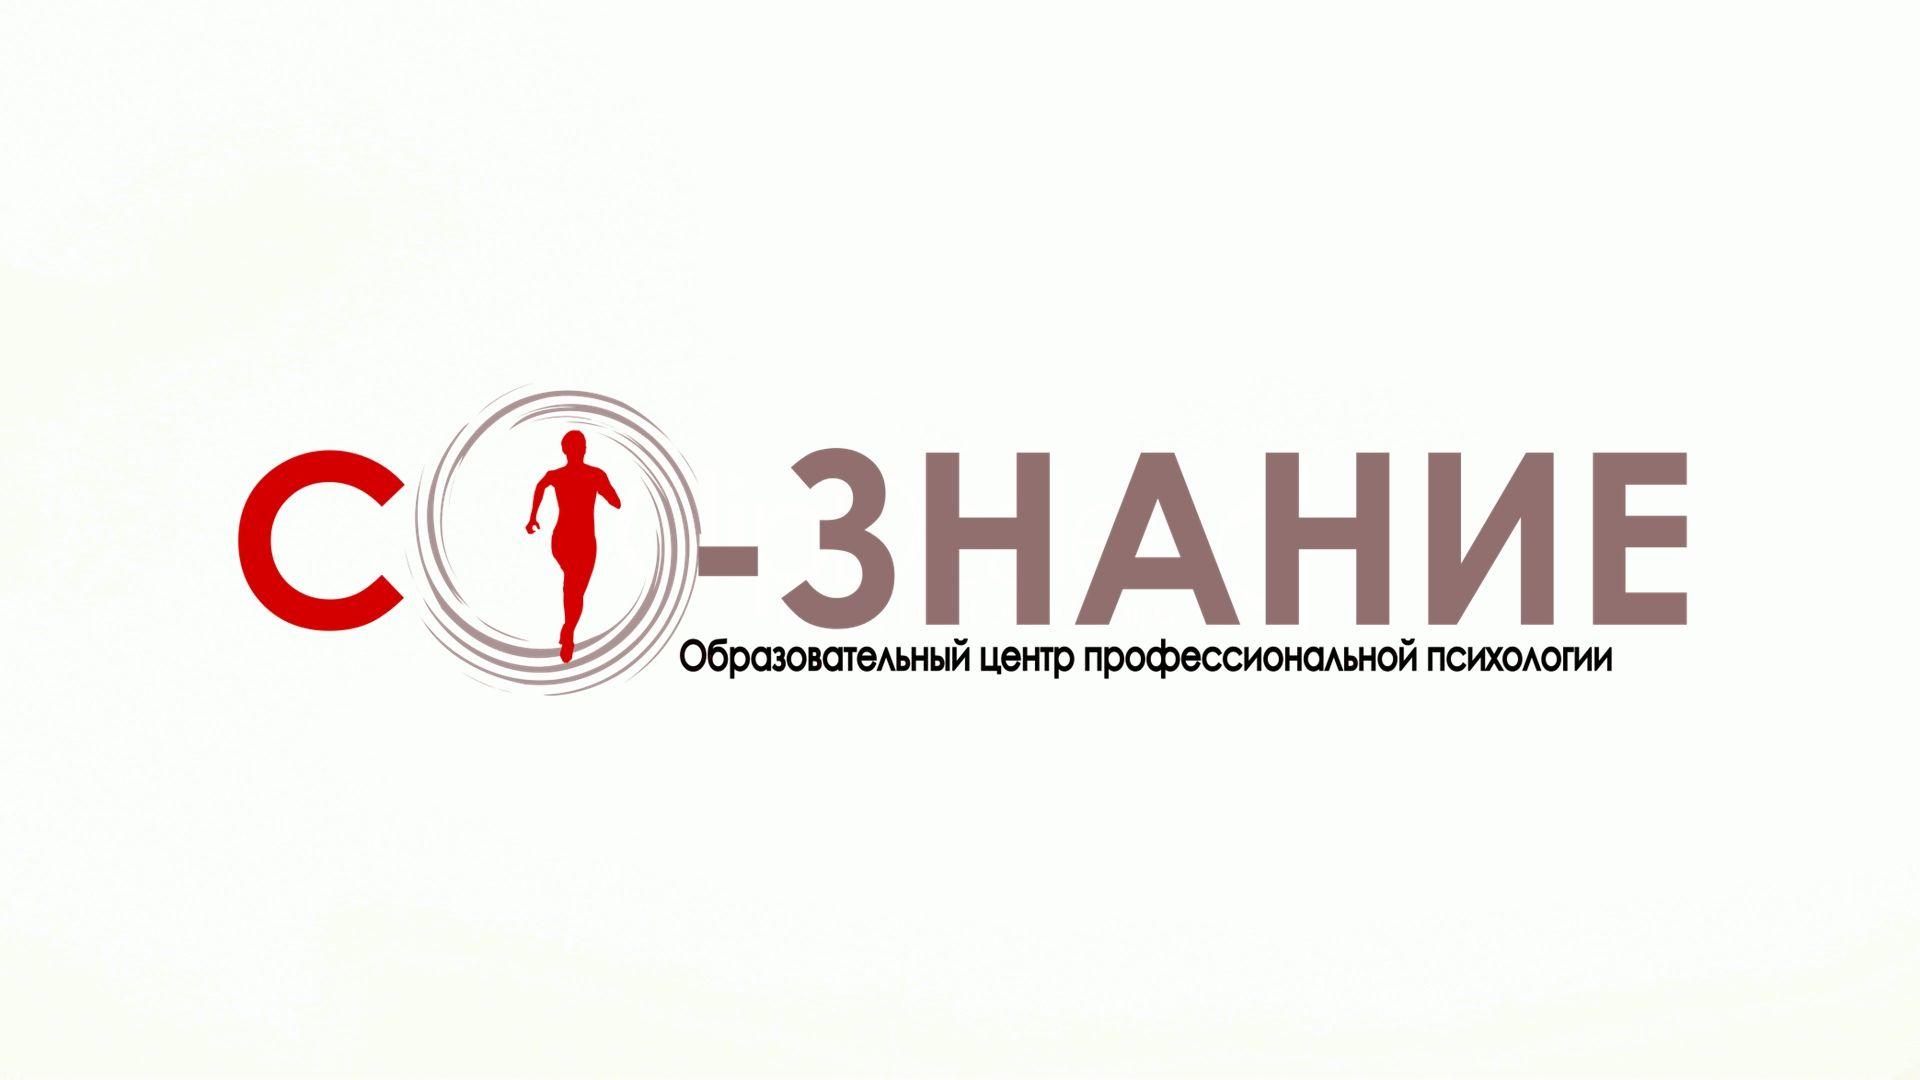 Логотип для СО-ЗНАНИЕ - дизайнер LENUSIF